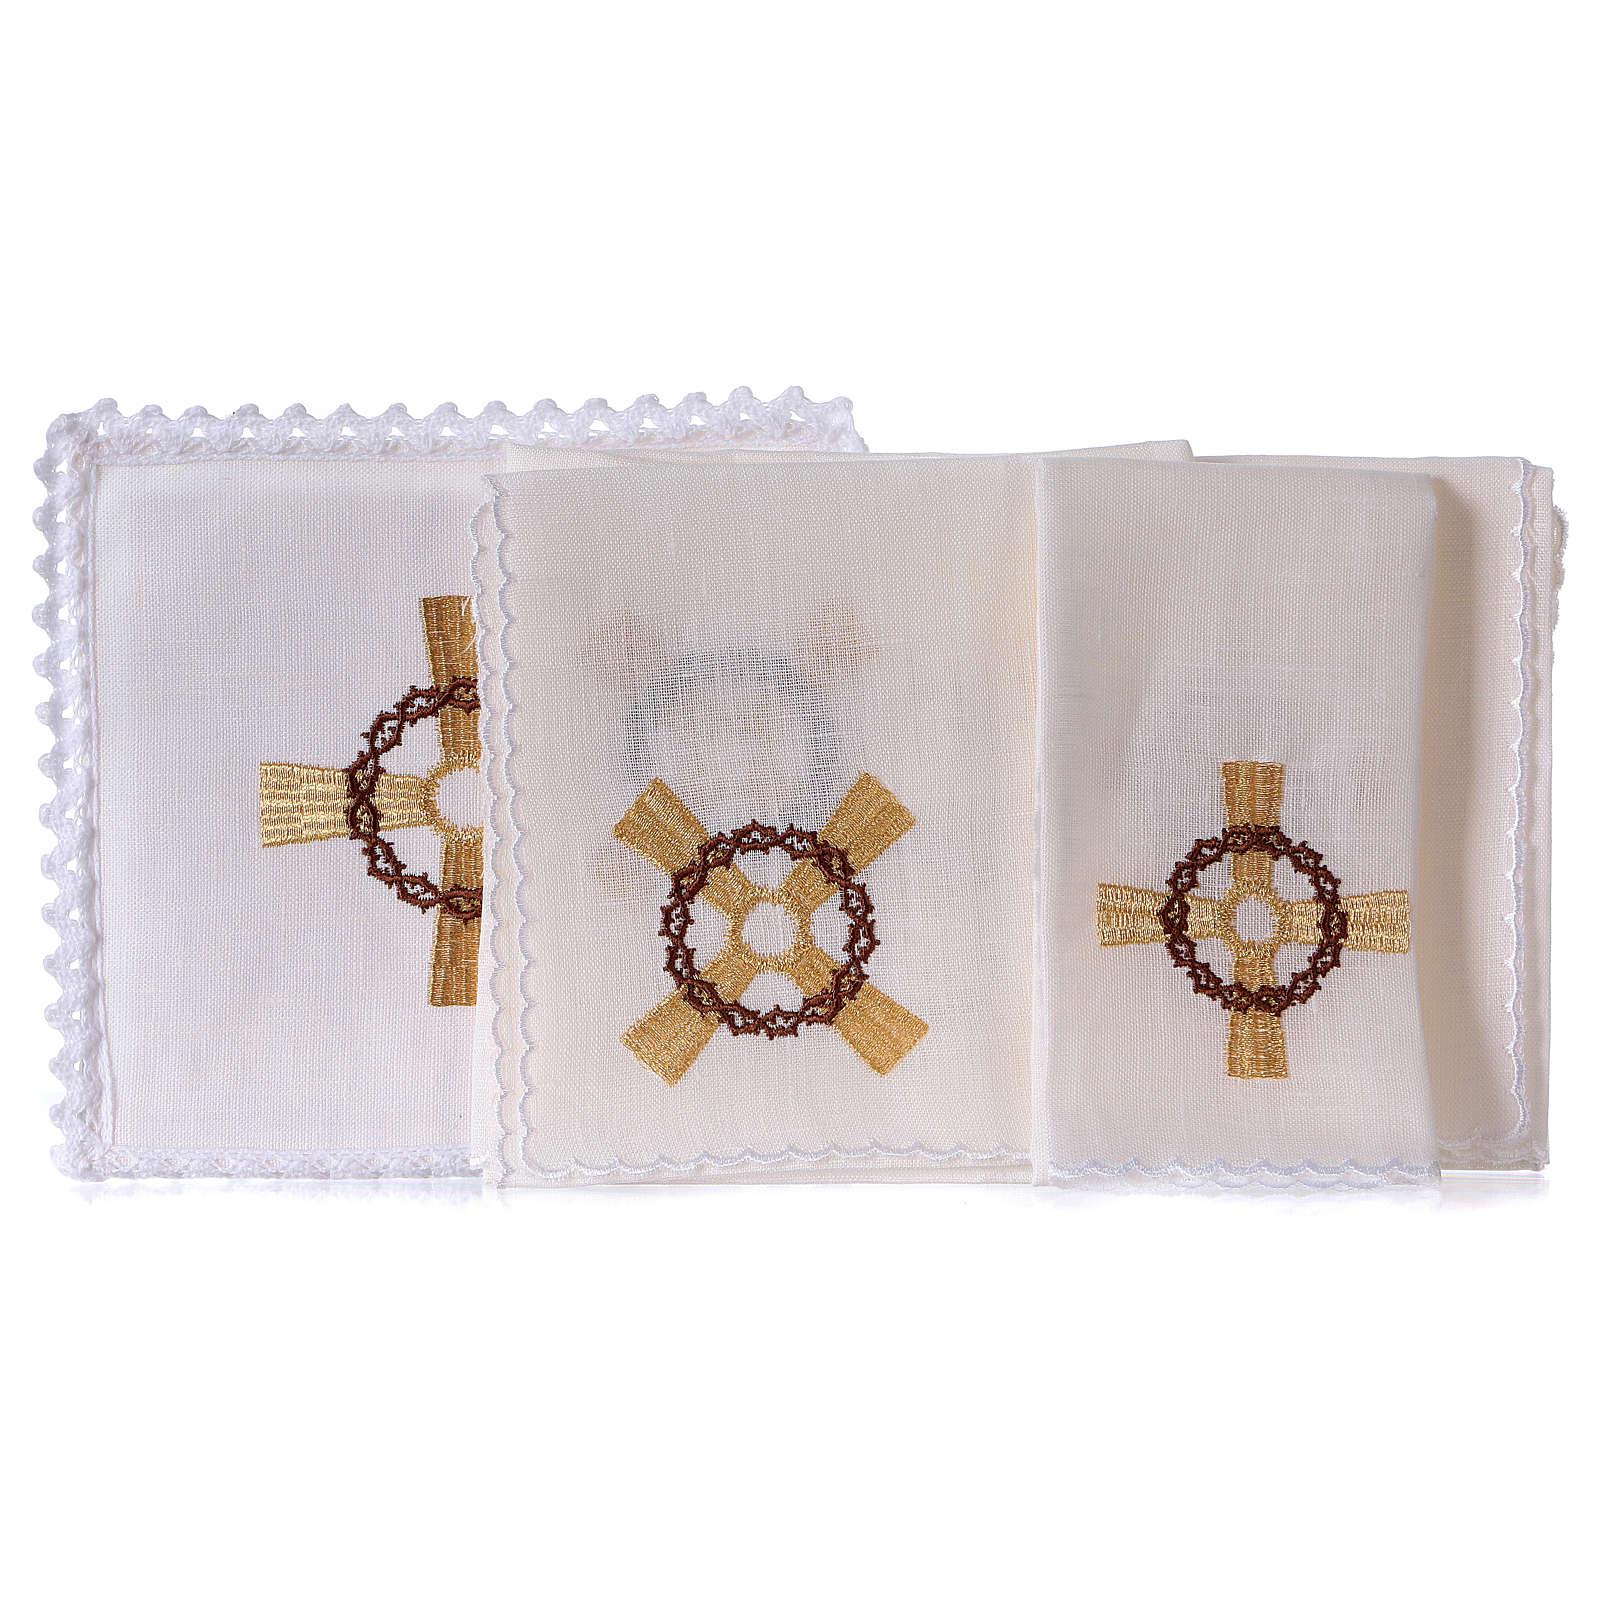 Conjunto para altar linho cruz dourada coroa de espinhas 4